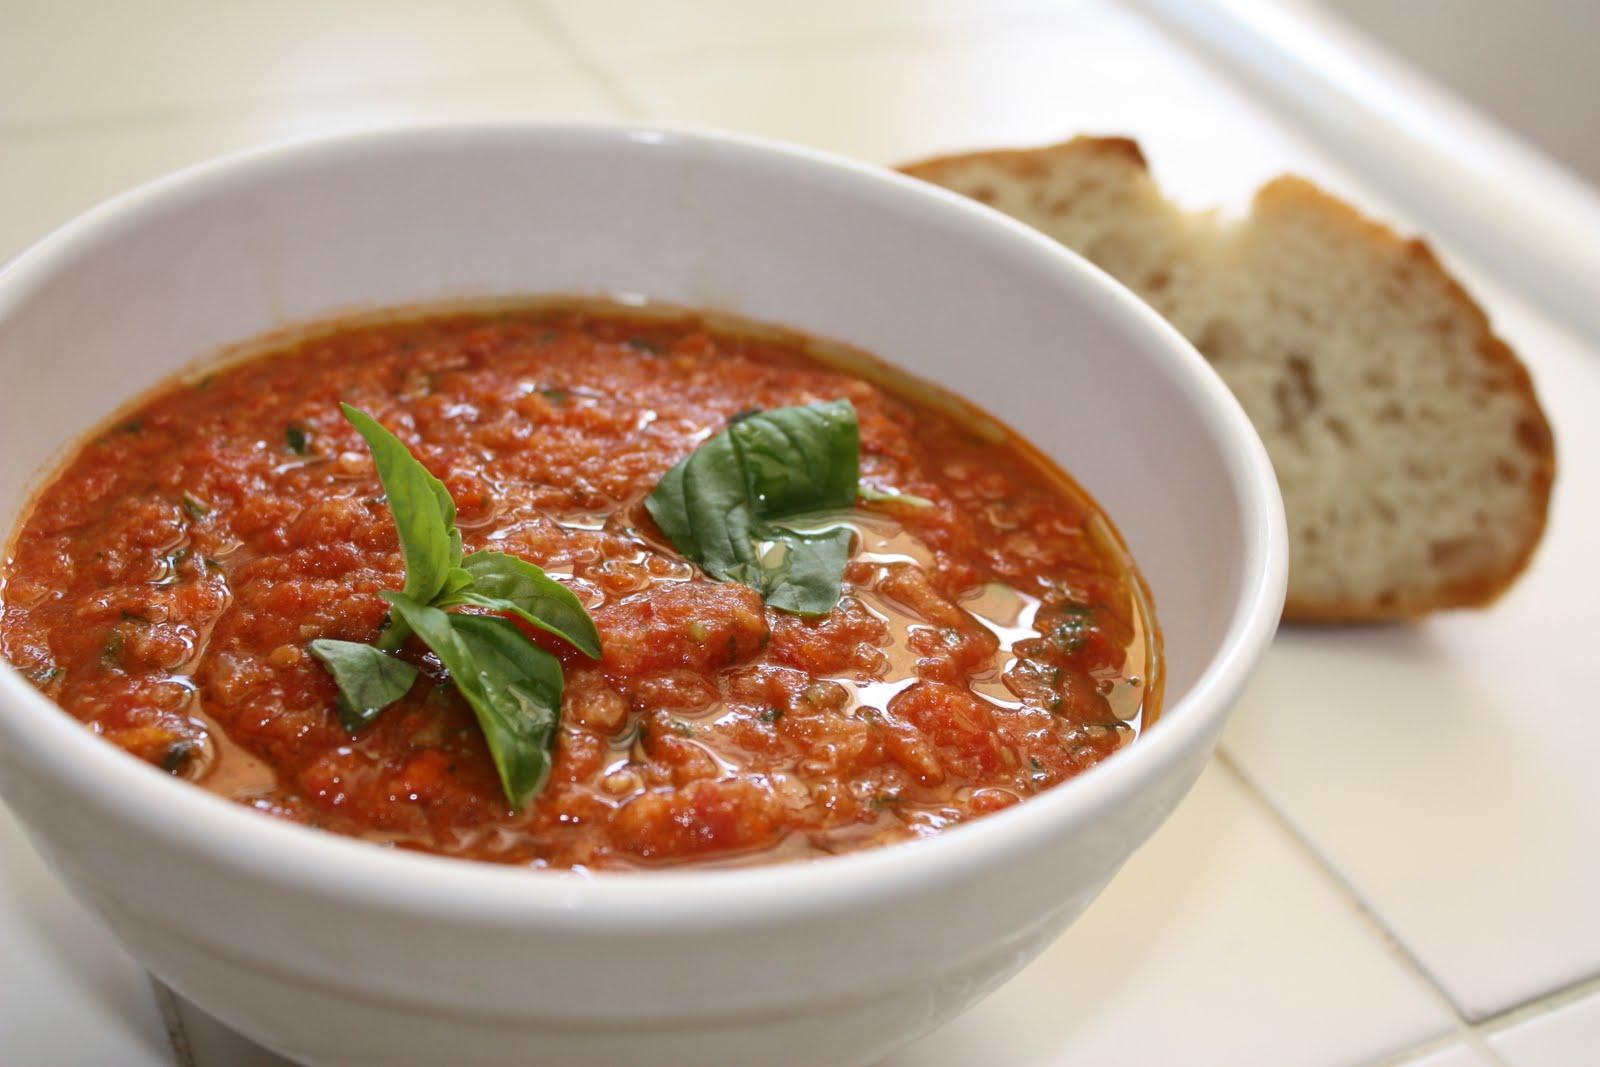 pappa al pomodoro : bread and tomato soup | Yummy Mummy Kitchen | A ...